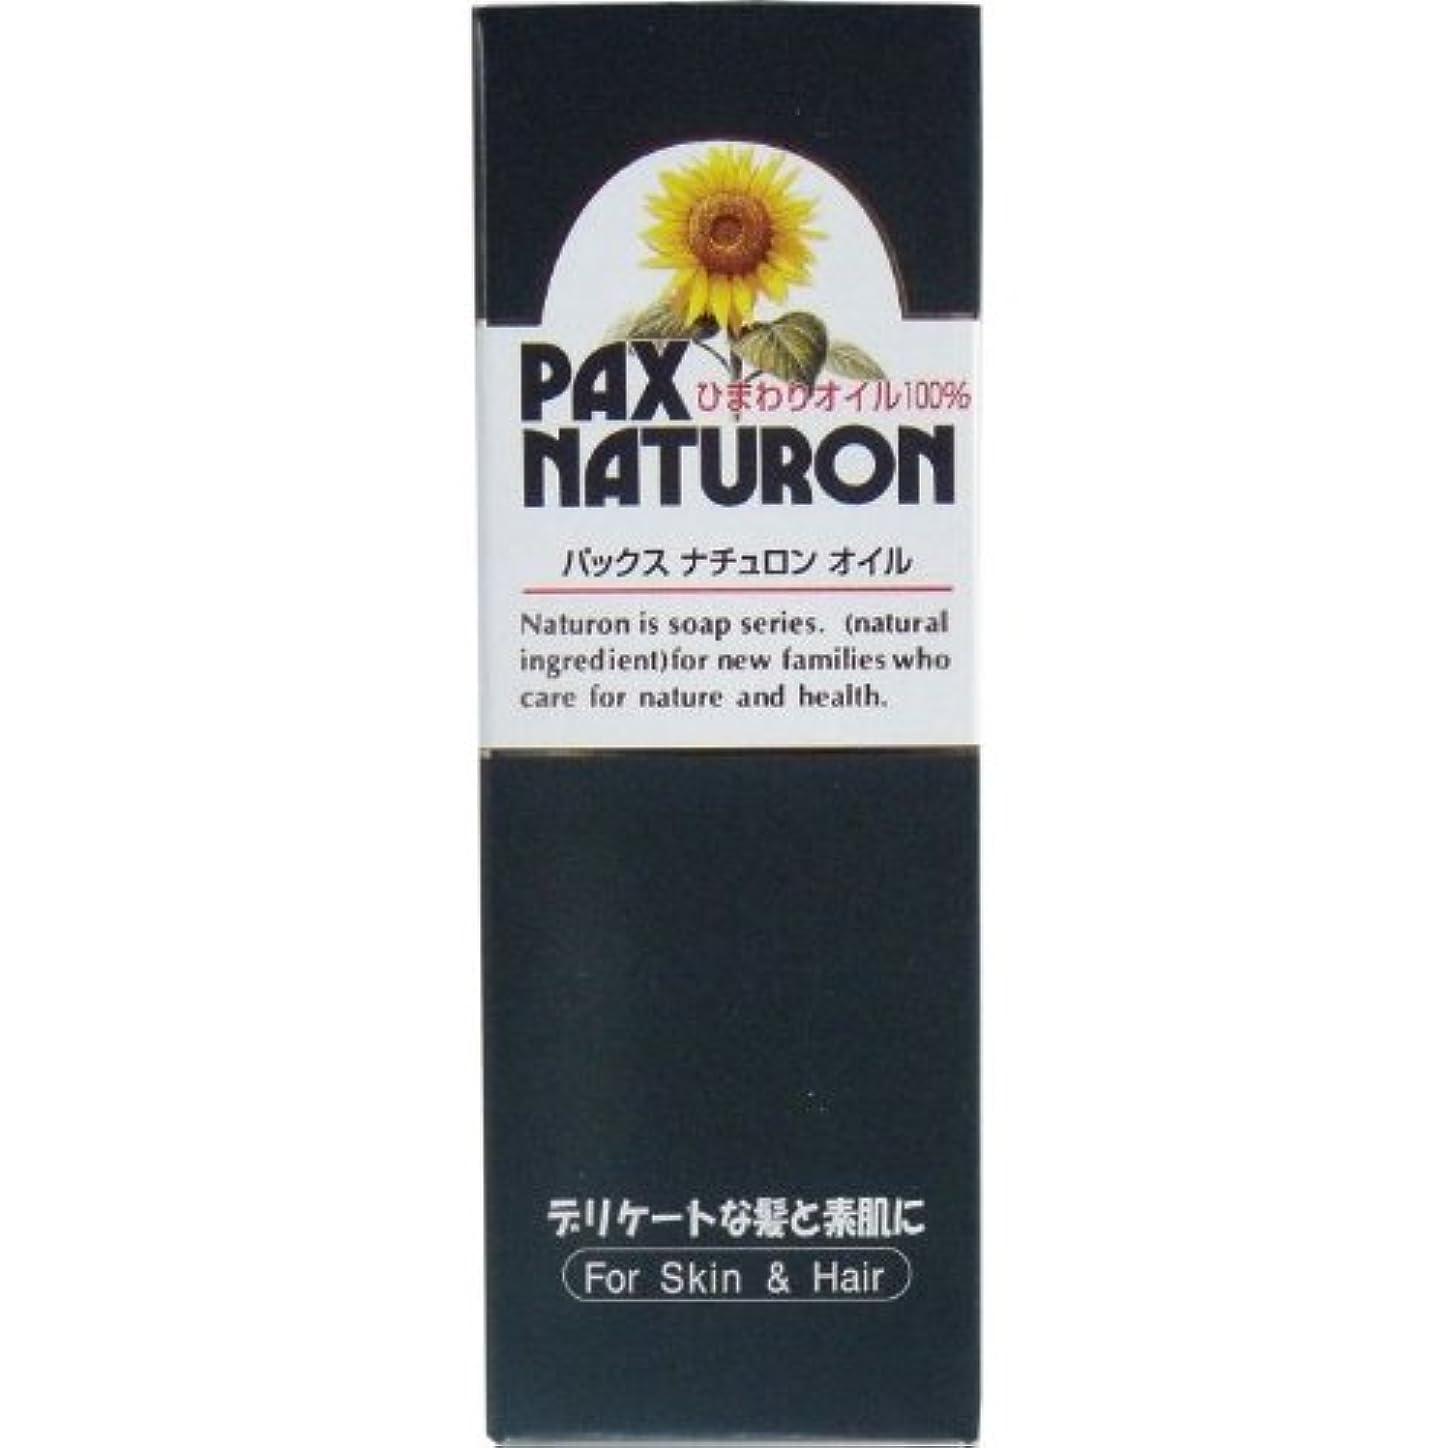 祖父母を訪問ピーク変換するデリケートな髪と素肌に!ひまわりの種子から採った ハイオレイックひまわり油 60mL【5個セット】